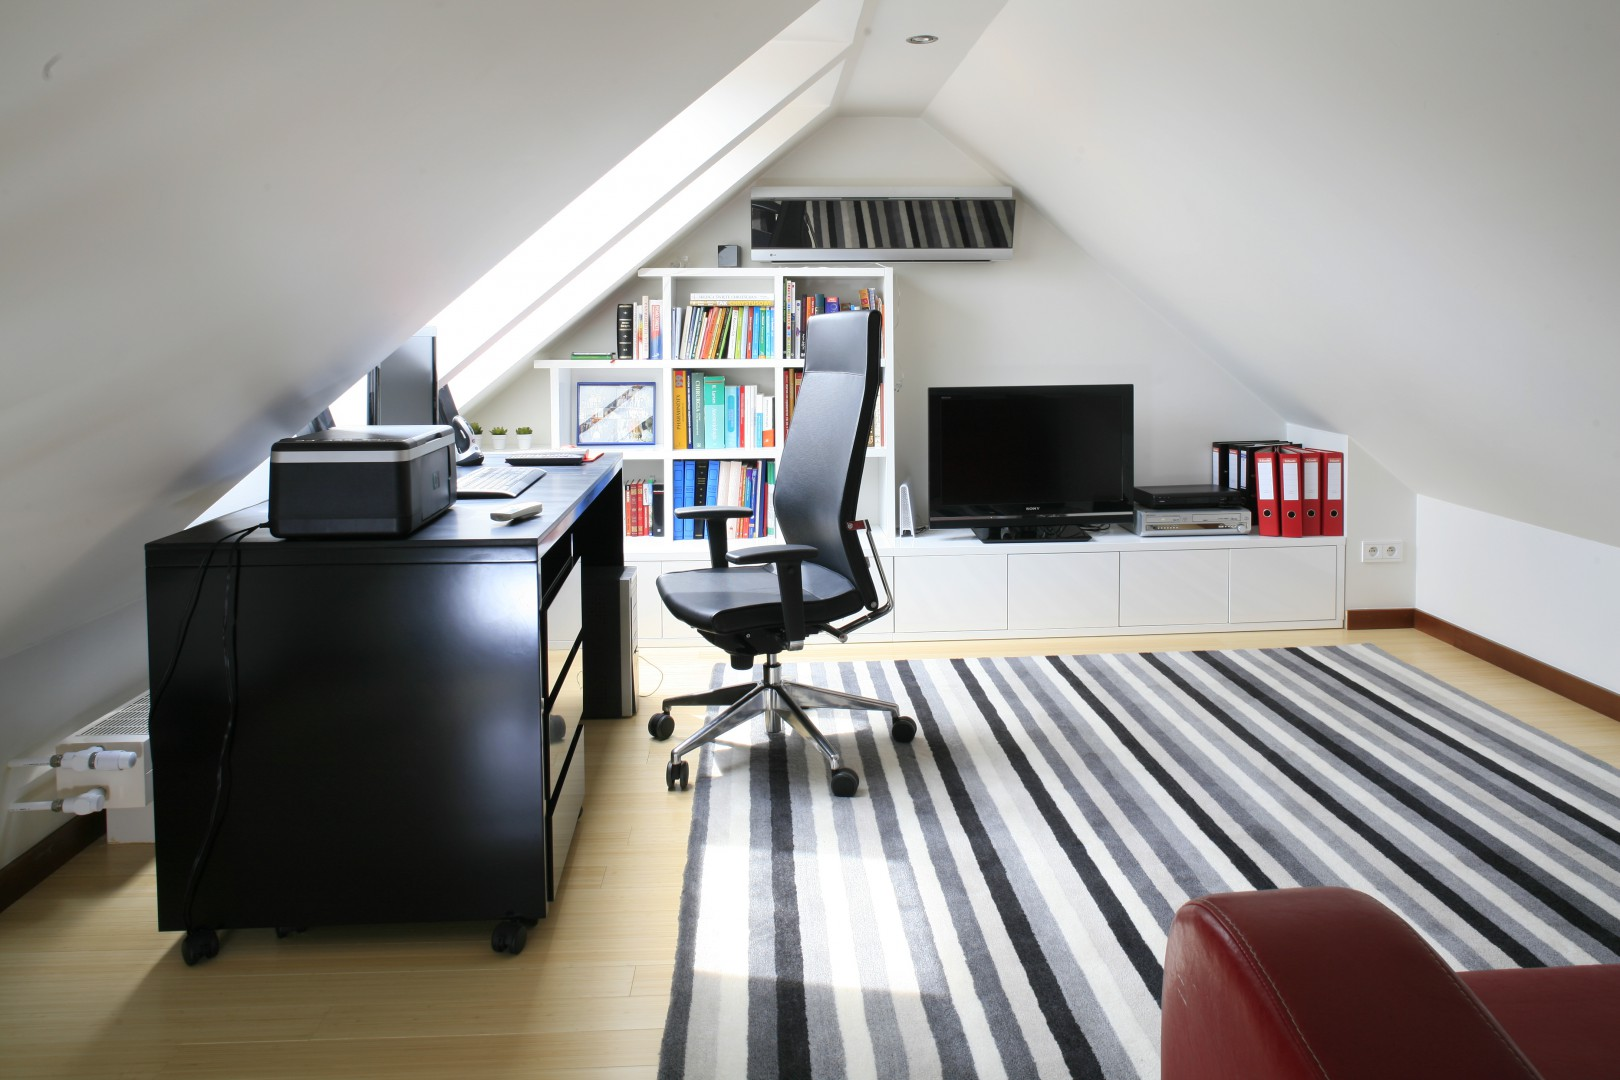 Miejsce pod skosami idealnie nadaje się na ustawienie biurka i wygodnego fotela. Projekt Aleksandra Wołczyk. Fot. Bartosz Jarosz